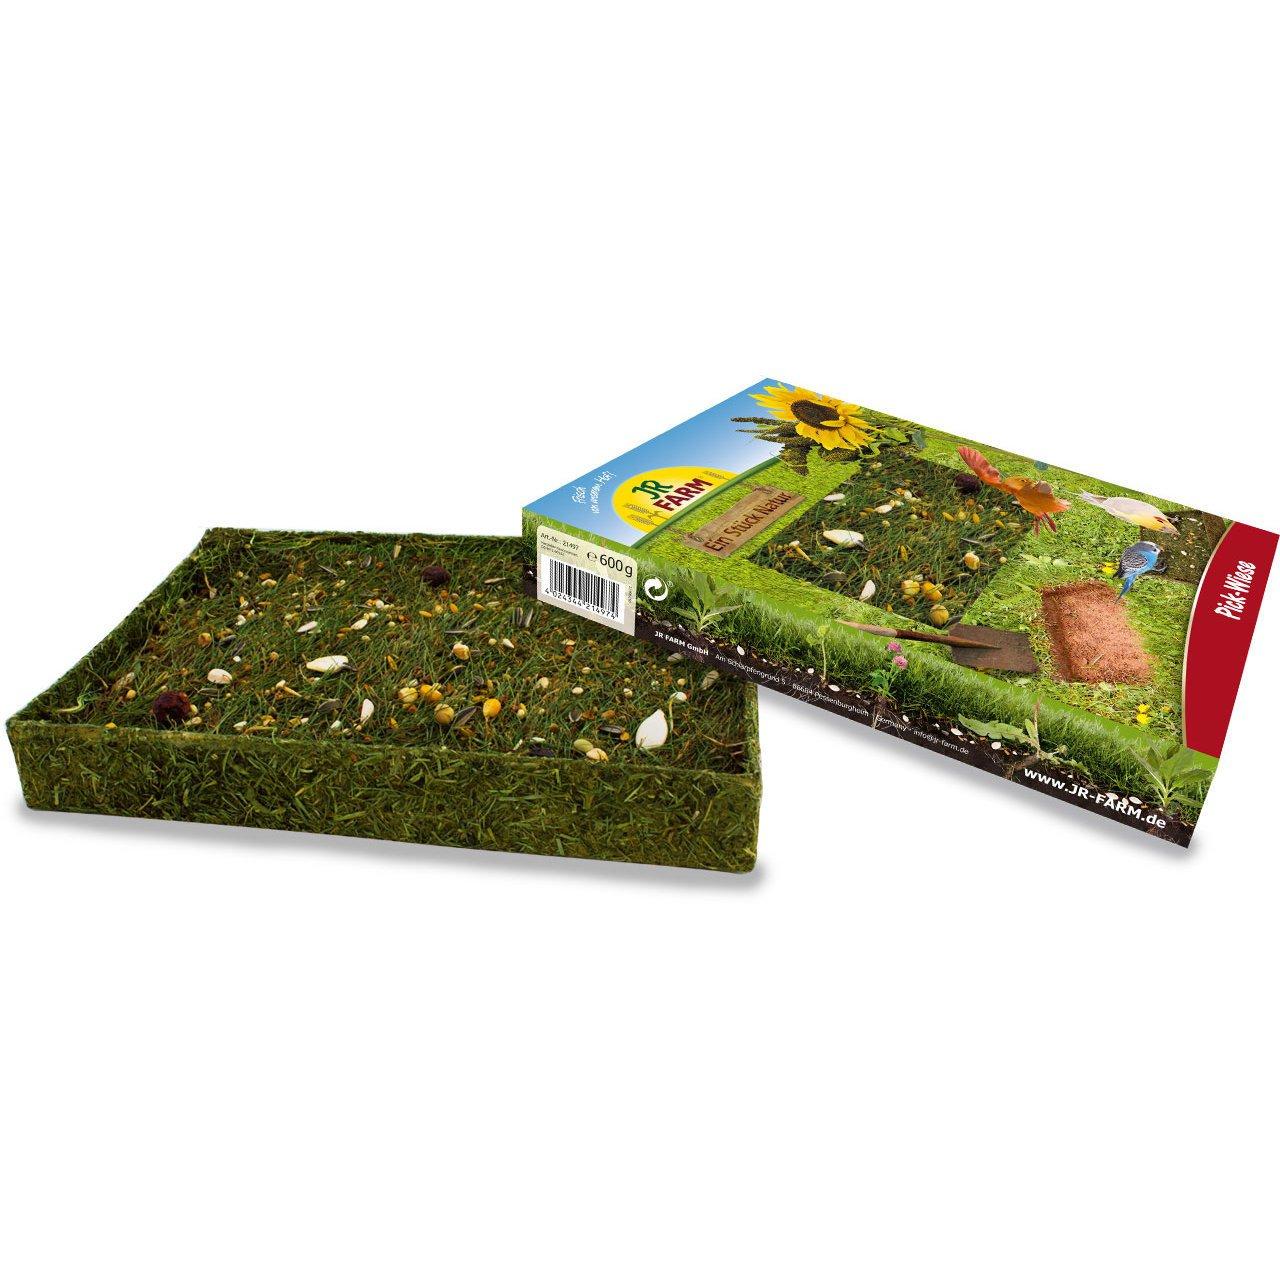 JR Farm Pick-Wiese für Ziervögel, Bild 3